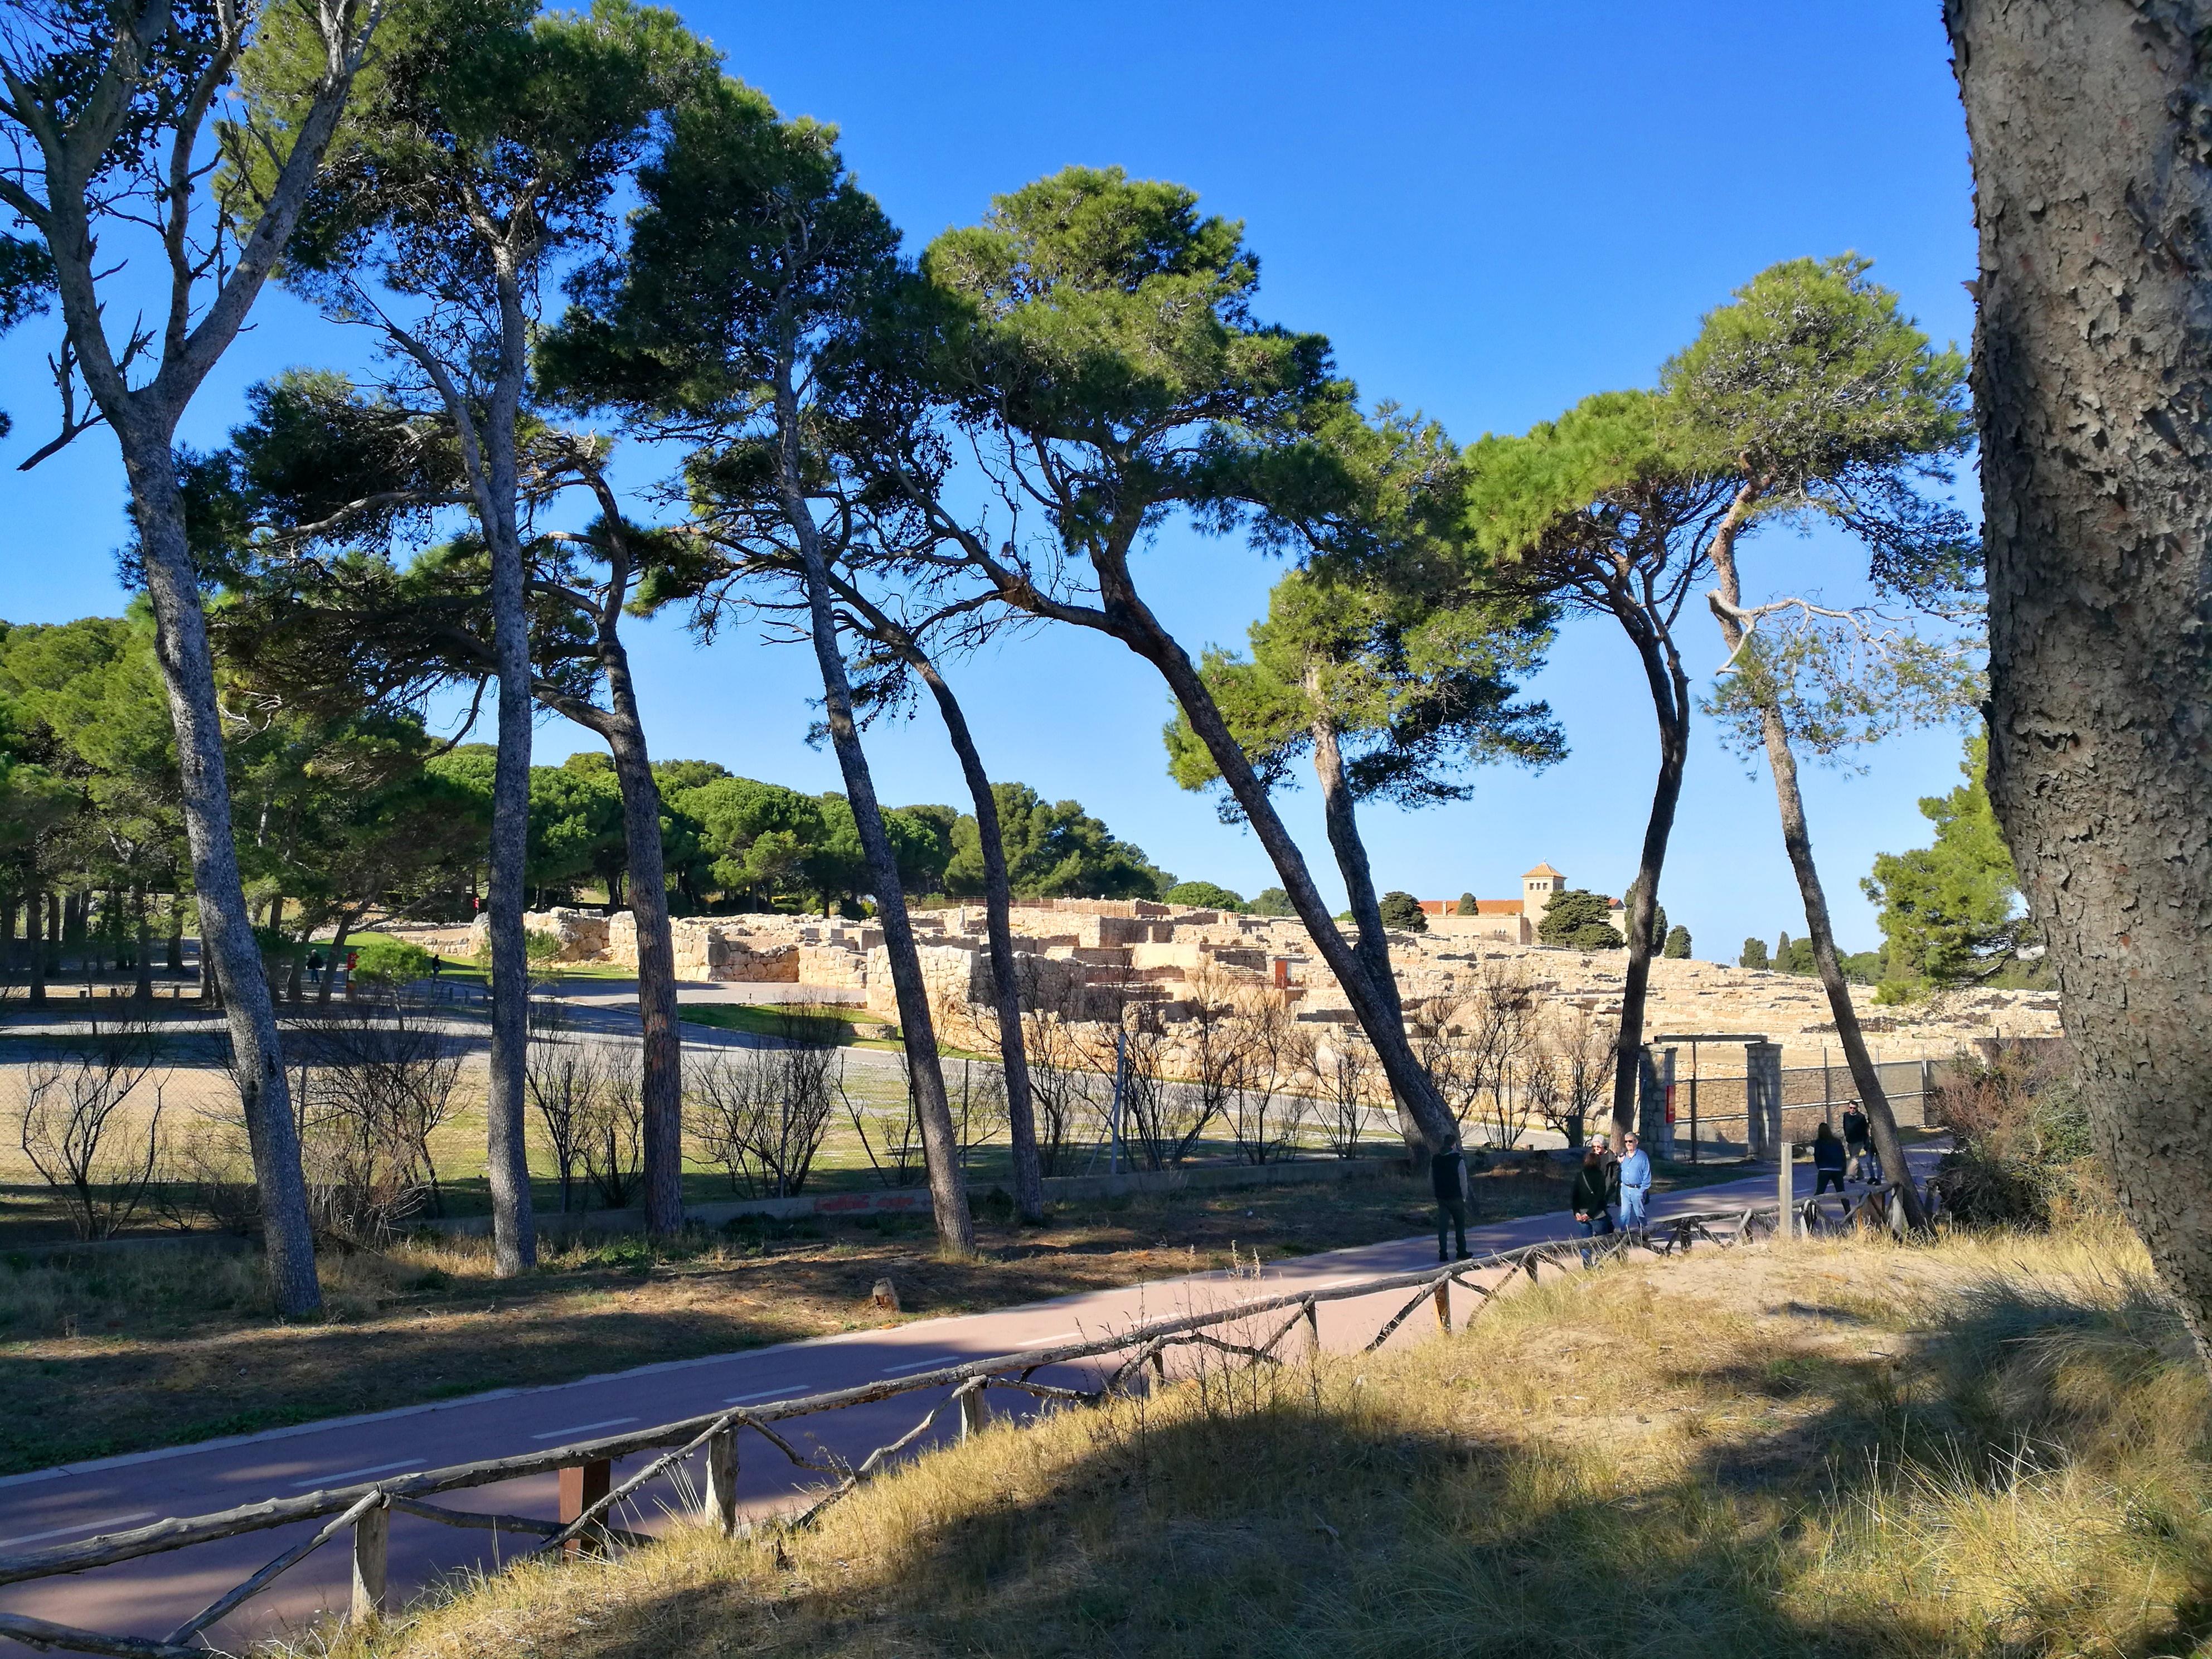 Proctor en Segovia visits the Greek ruins of Empuries